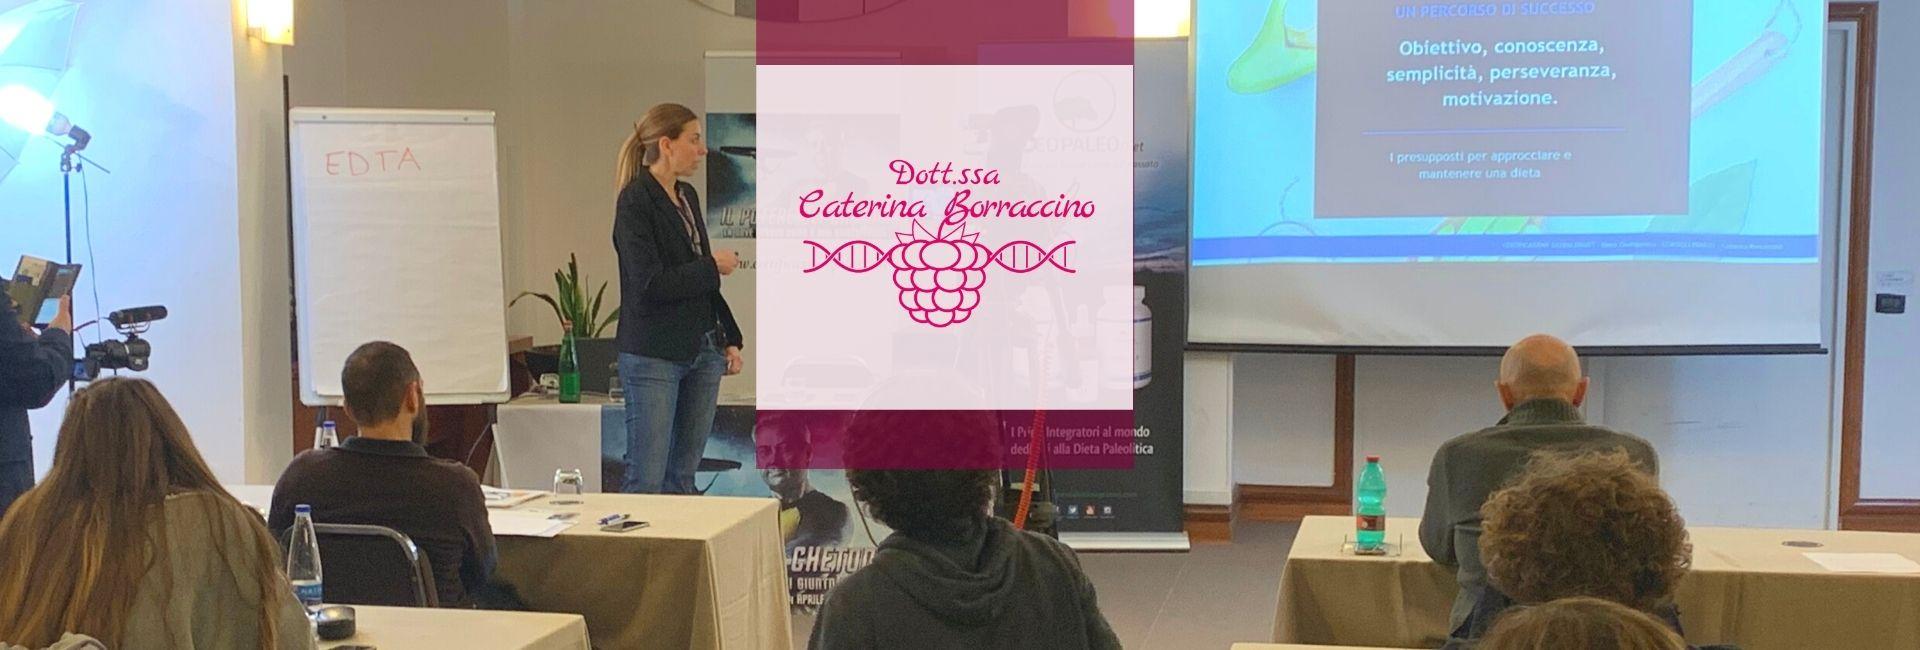 Dott.ssa Caterina Borraccino-paleo-chetogenica